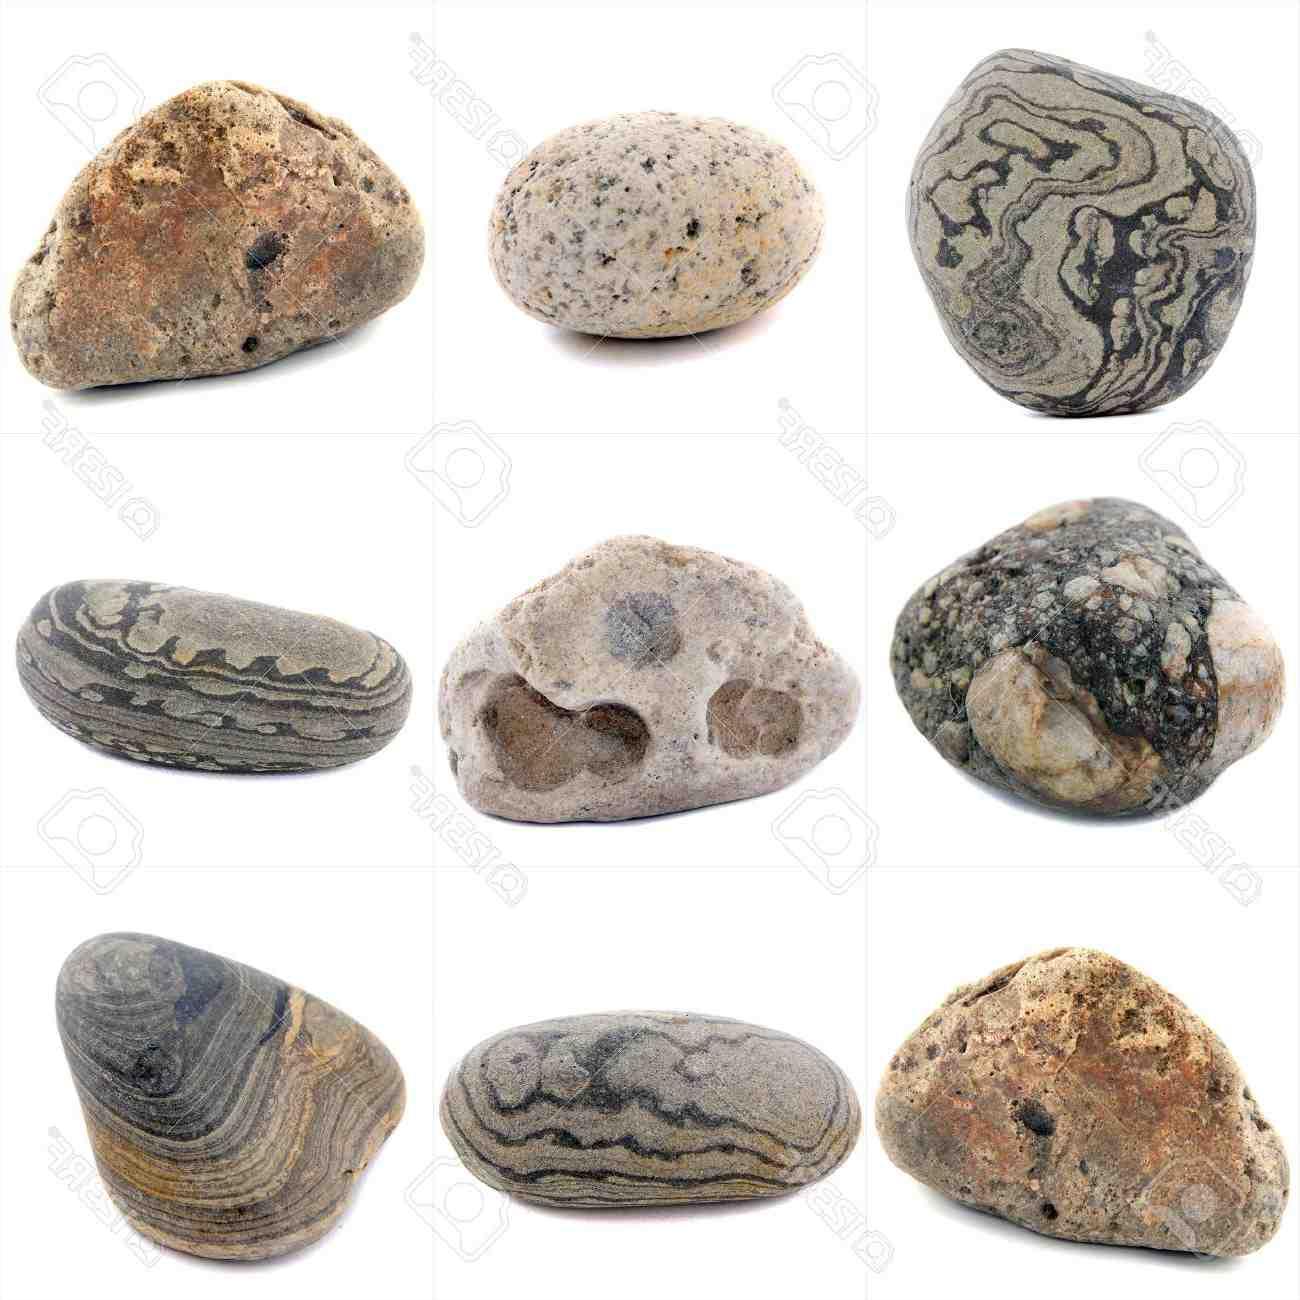 Quelles sont les pierres naturelles ?